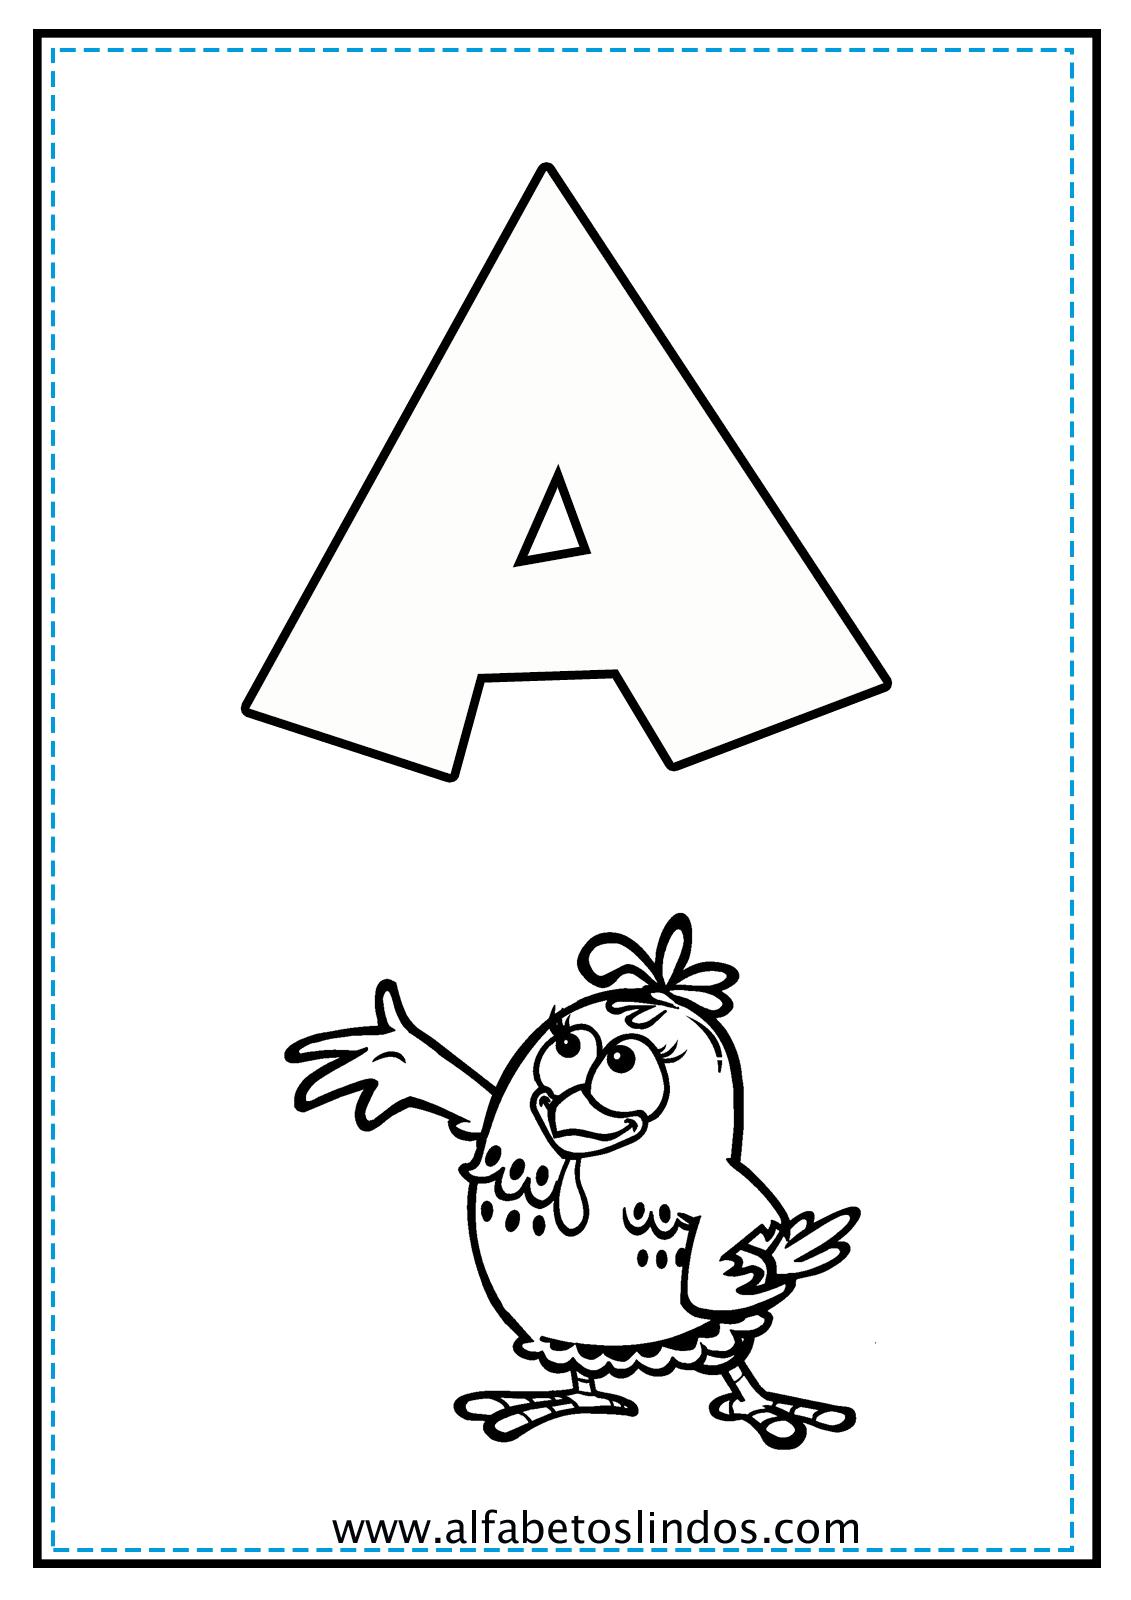 Alfabeto Da Galinha Pintadinha Para Colorir Pintar Imprimir